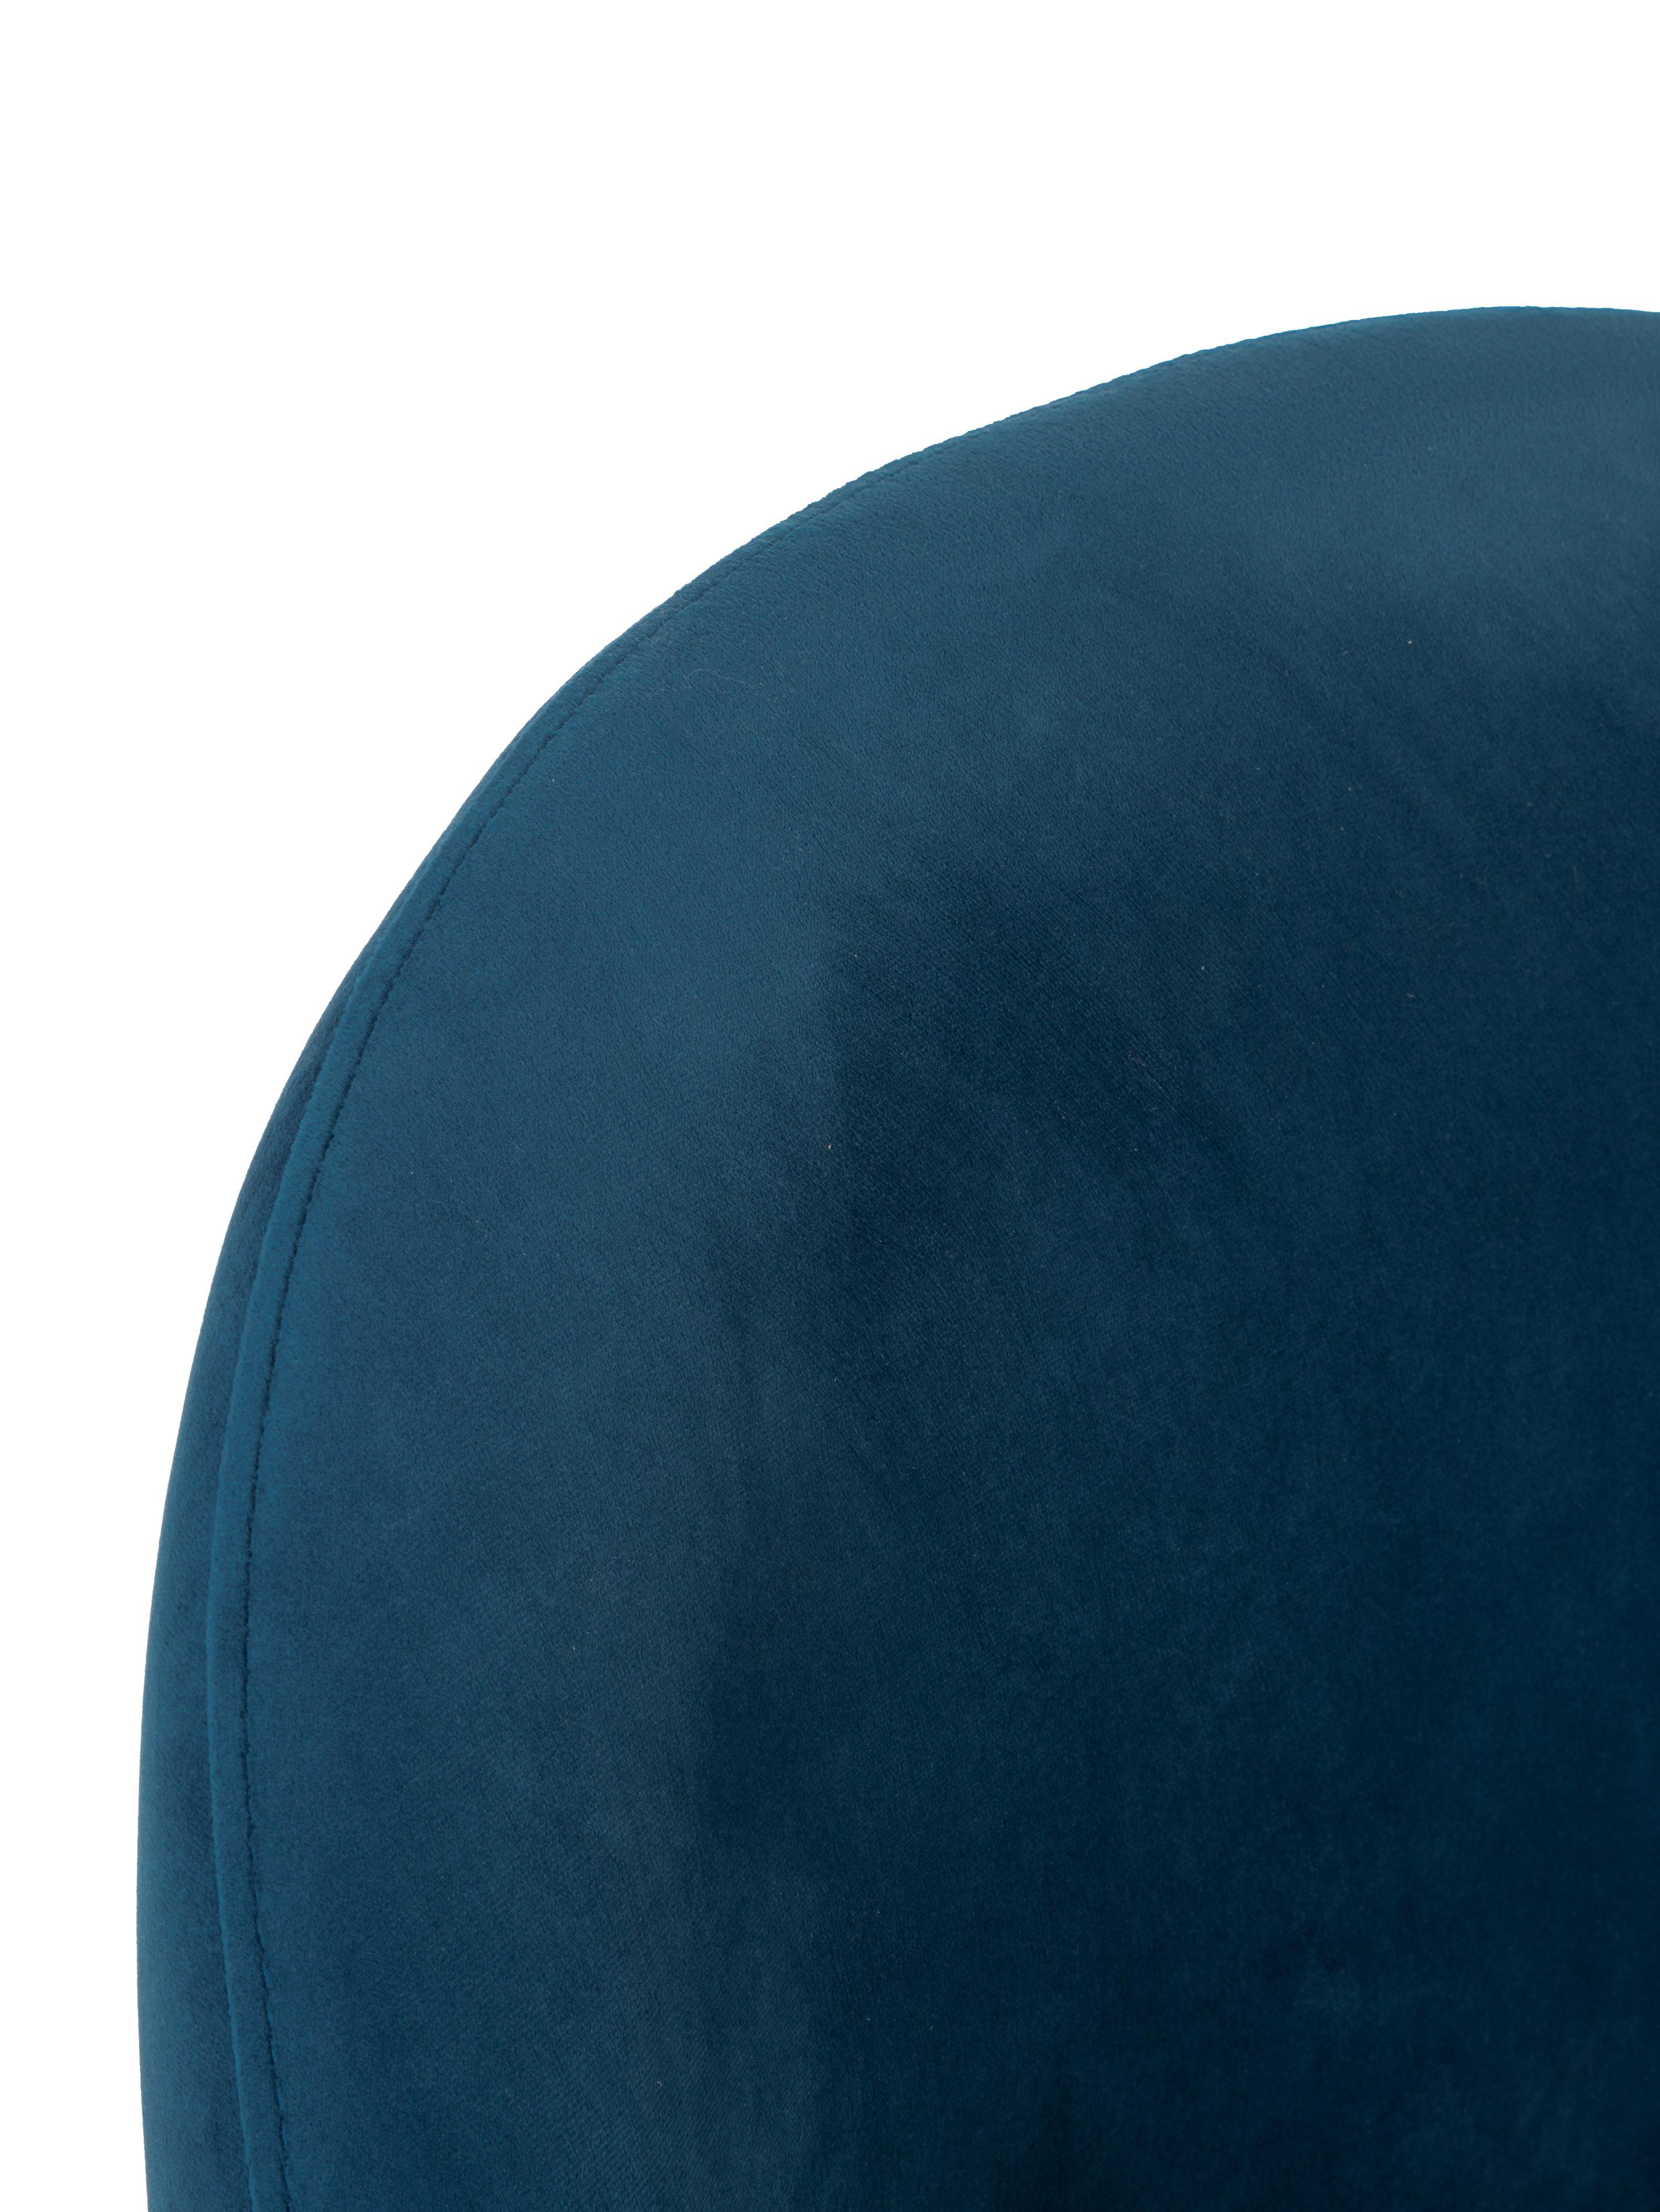 Samt-Polsterstuhl Rachel, Bezug: Samt (Hochwertiger Polyes, Beine: Metall, pulverbeschichtet, Samt Dunkelblau, B 53 x T 57 cm